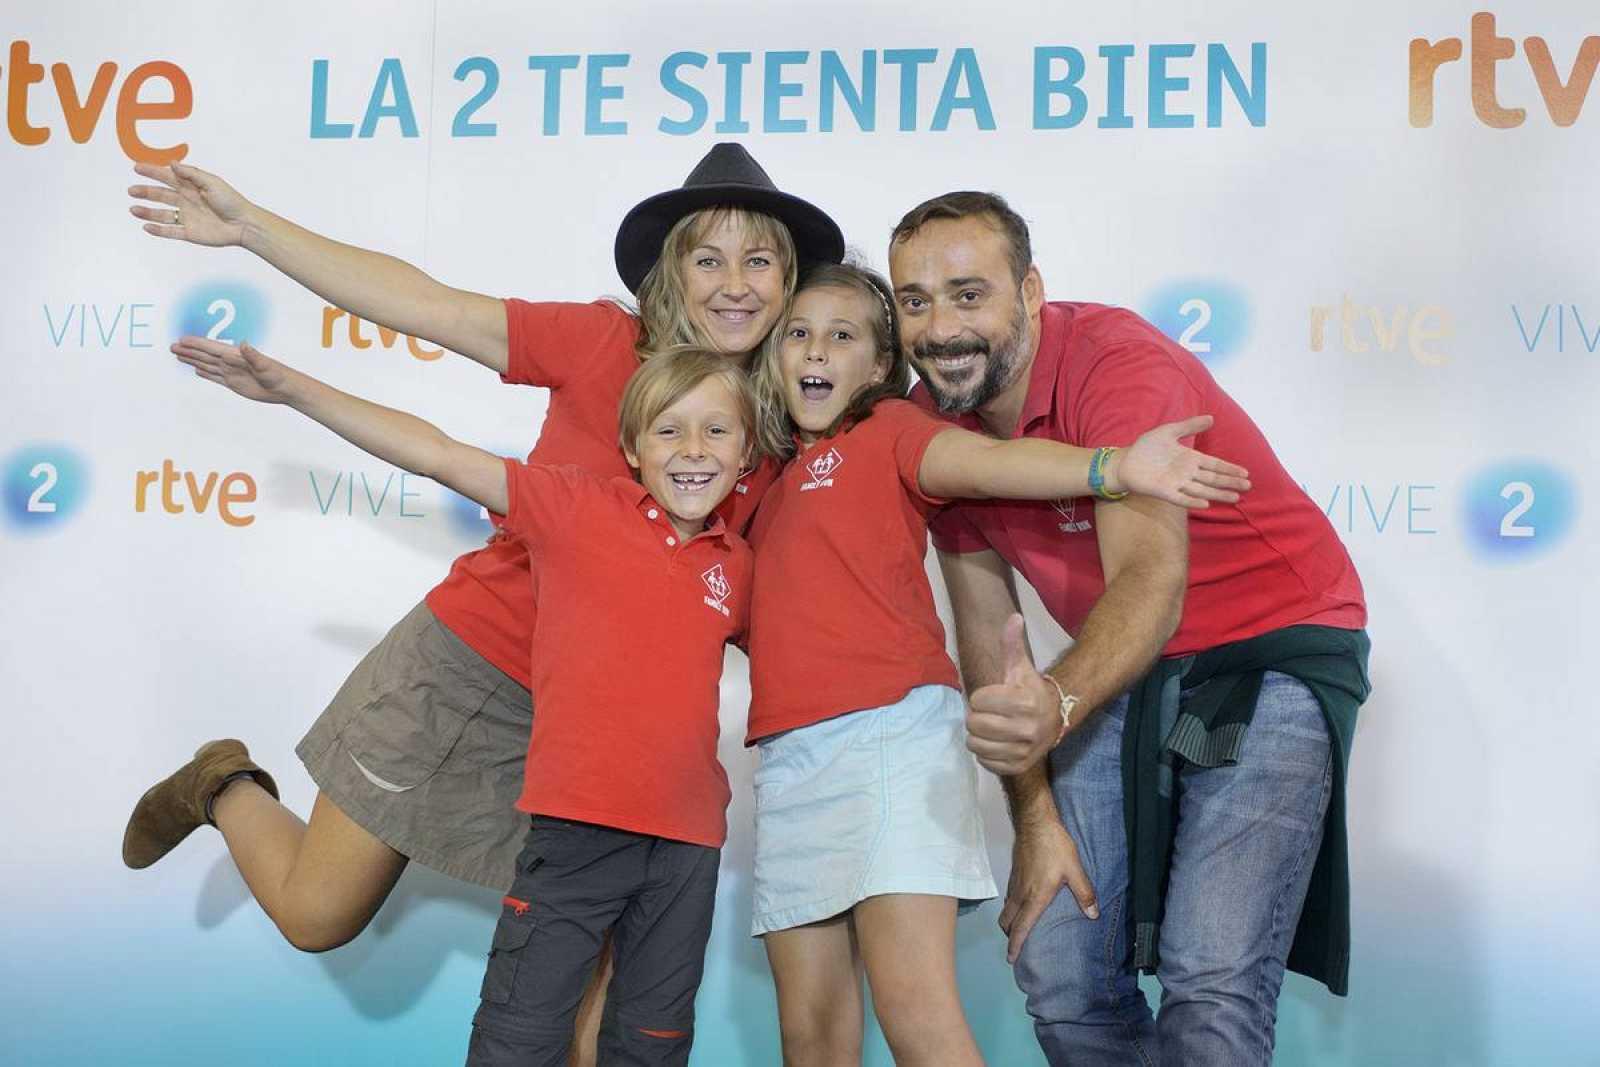 La divertida familia, Antonio, Sonia y sus hijos Candela y Mateo, en la presentación de la nueva temporada de La 2